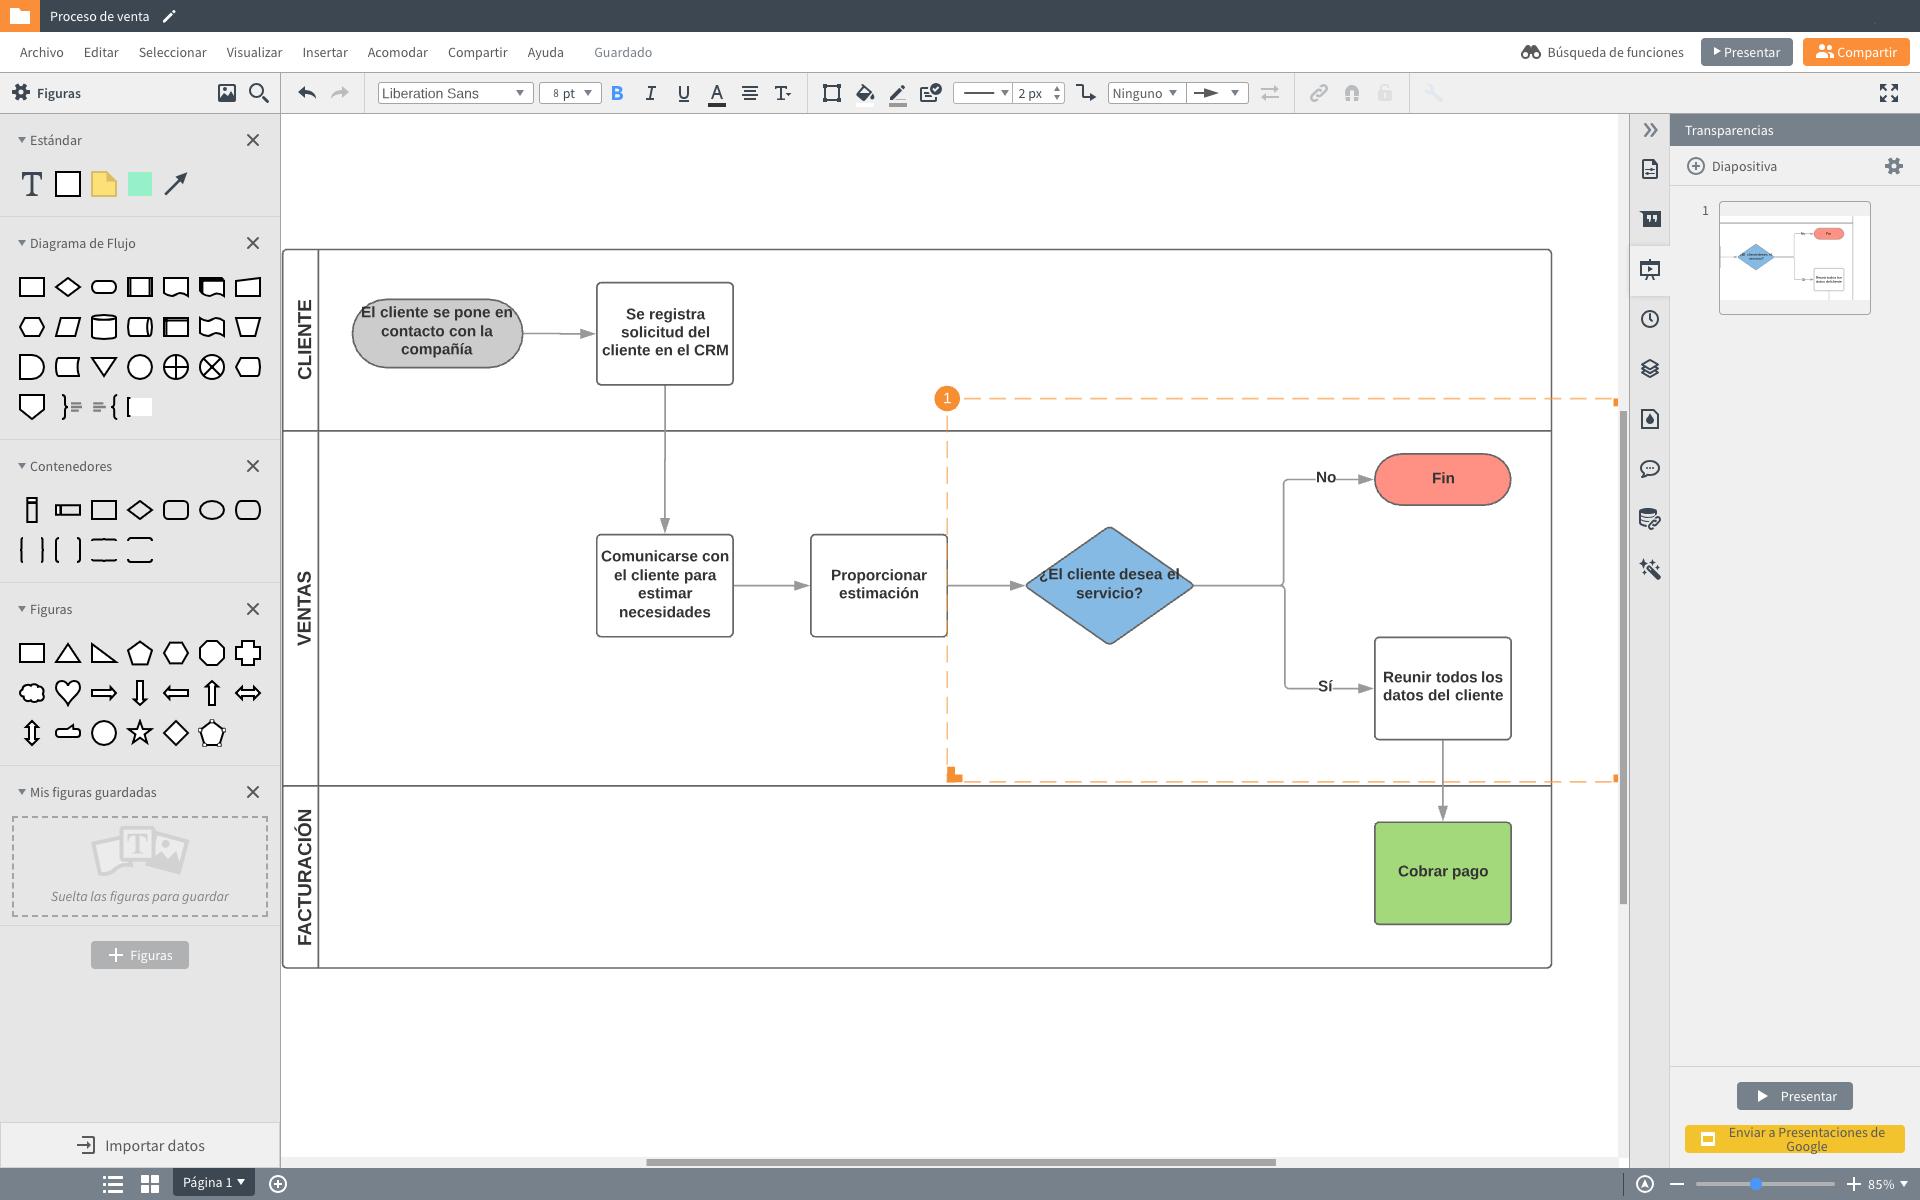 Programa para hacer diagramas de flujo online gratis